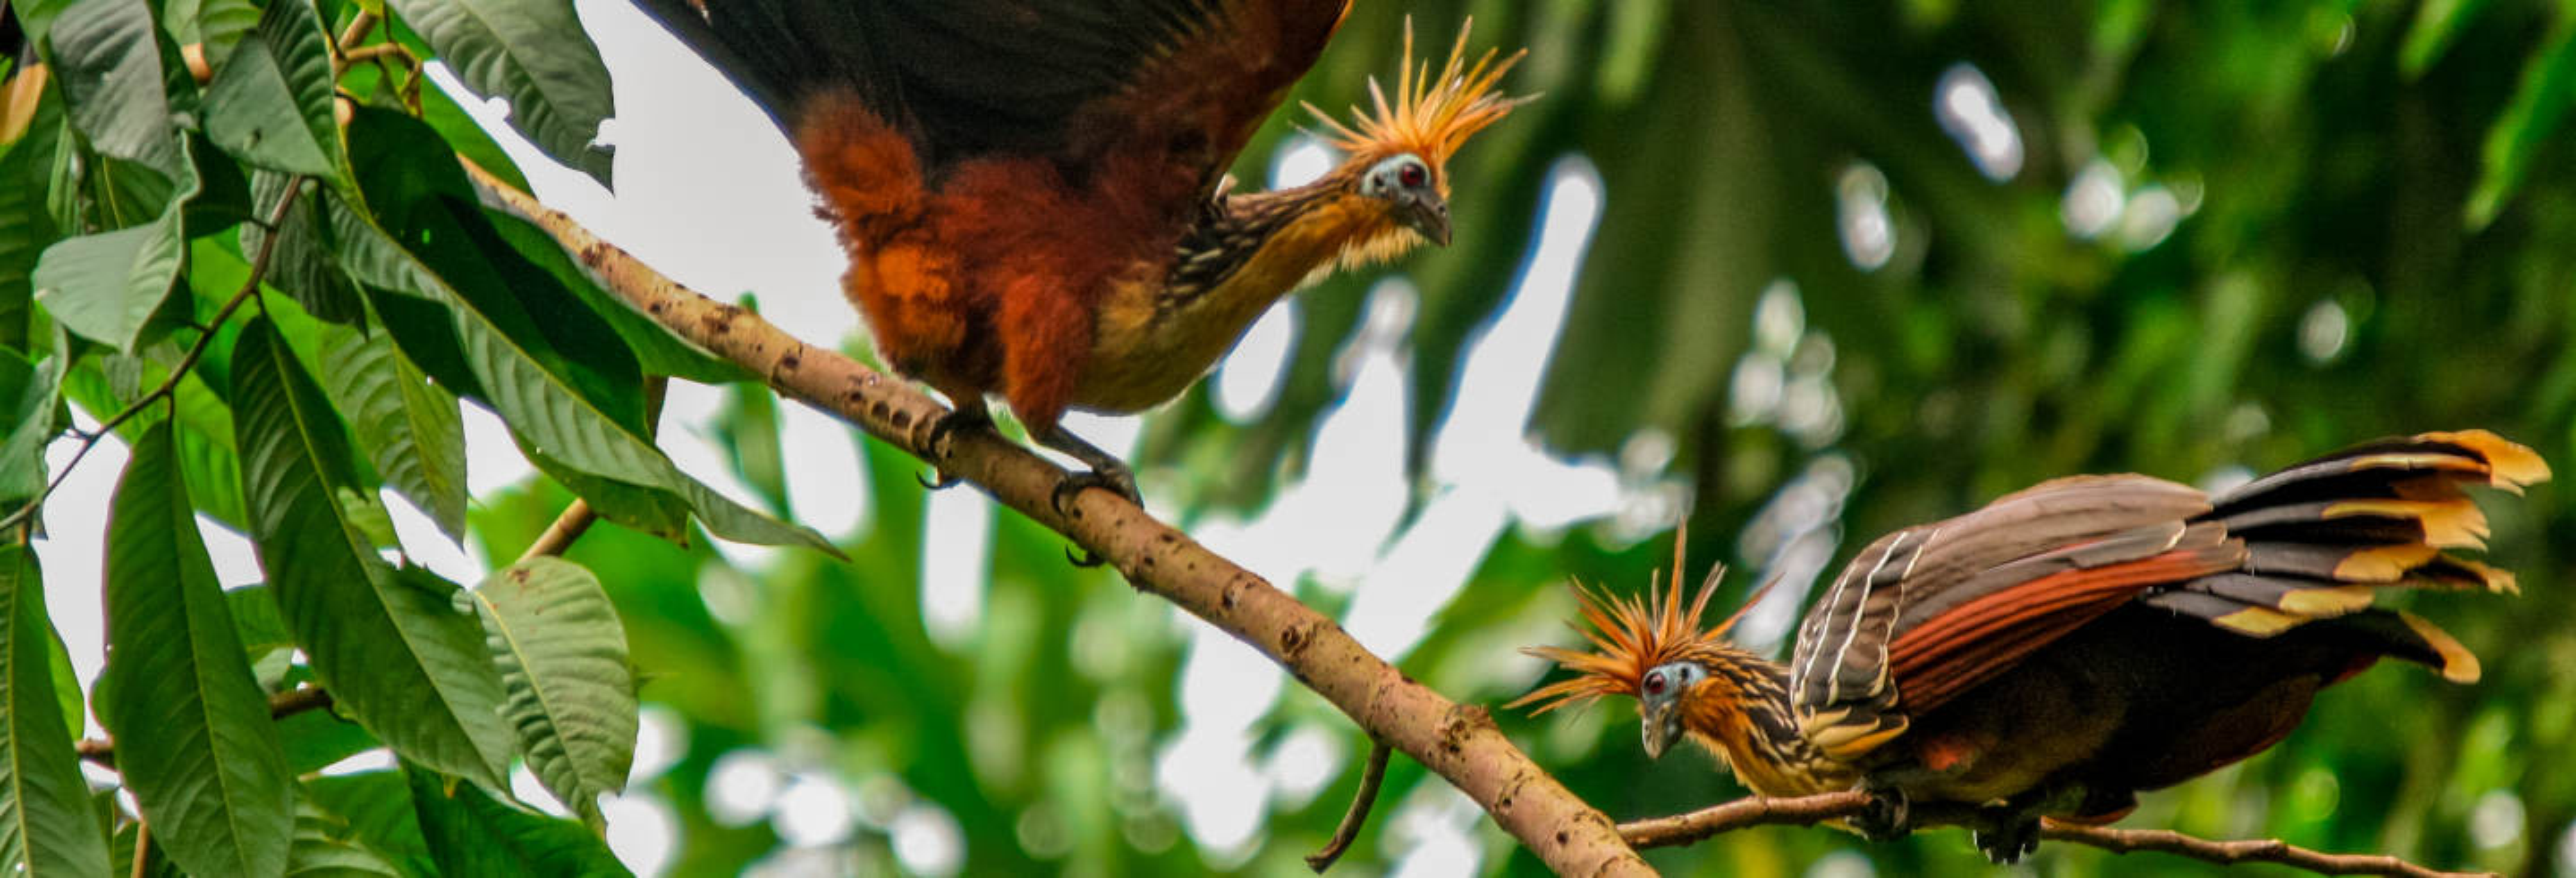 Tour de 3, 4 o 5 dias pelo sul da Amazônia peruana